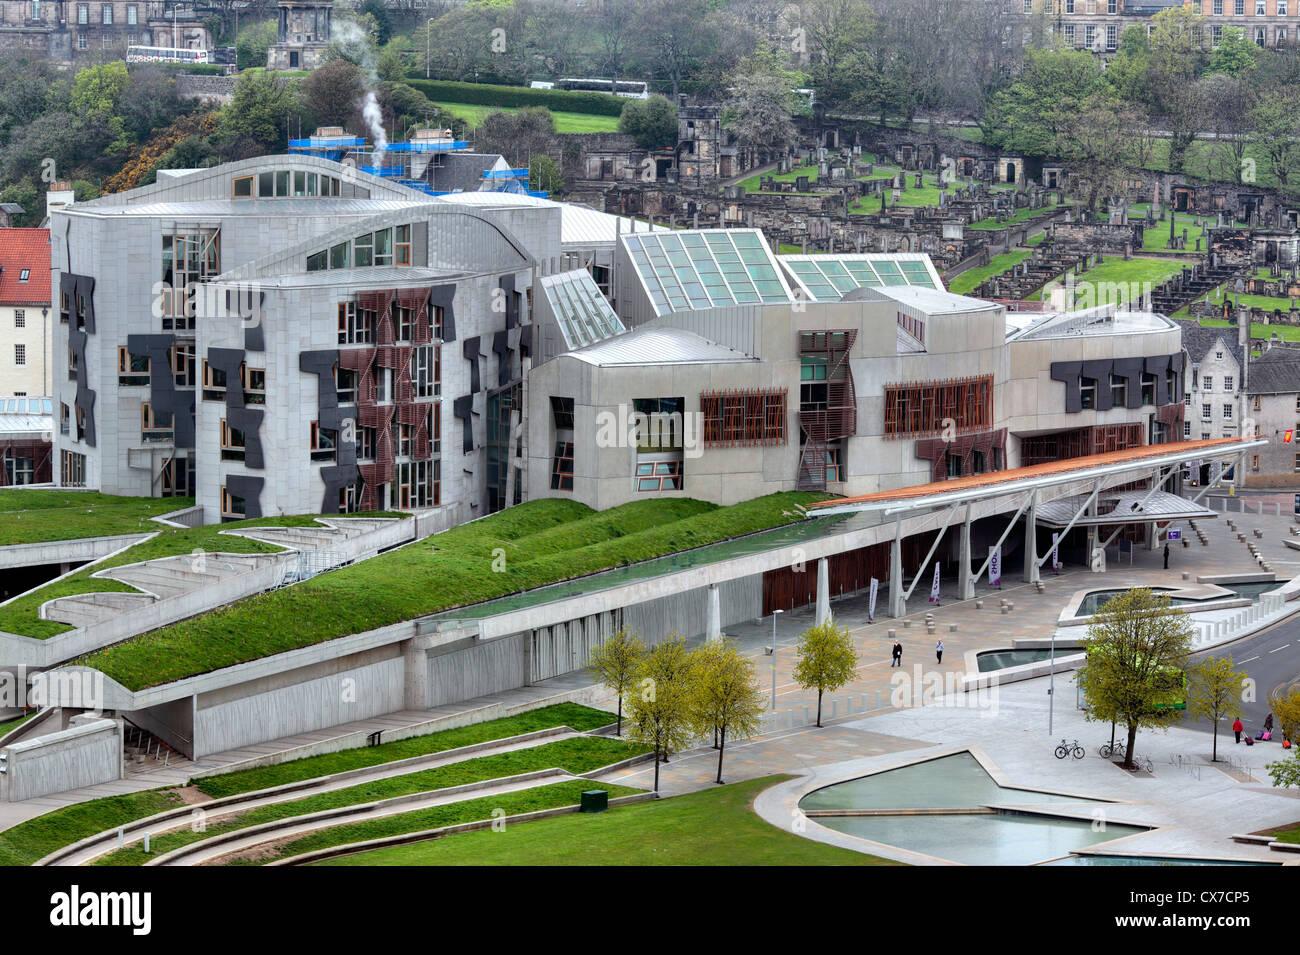 Bâtiment du Parlement écossais, Holyrood, Édimbourg, Écosse, Royaume-Uni Photo Stock